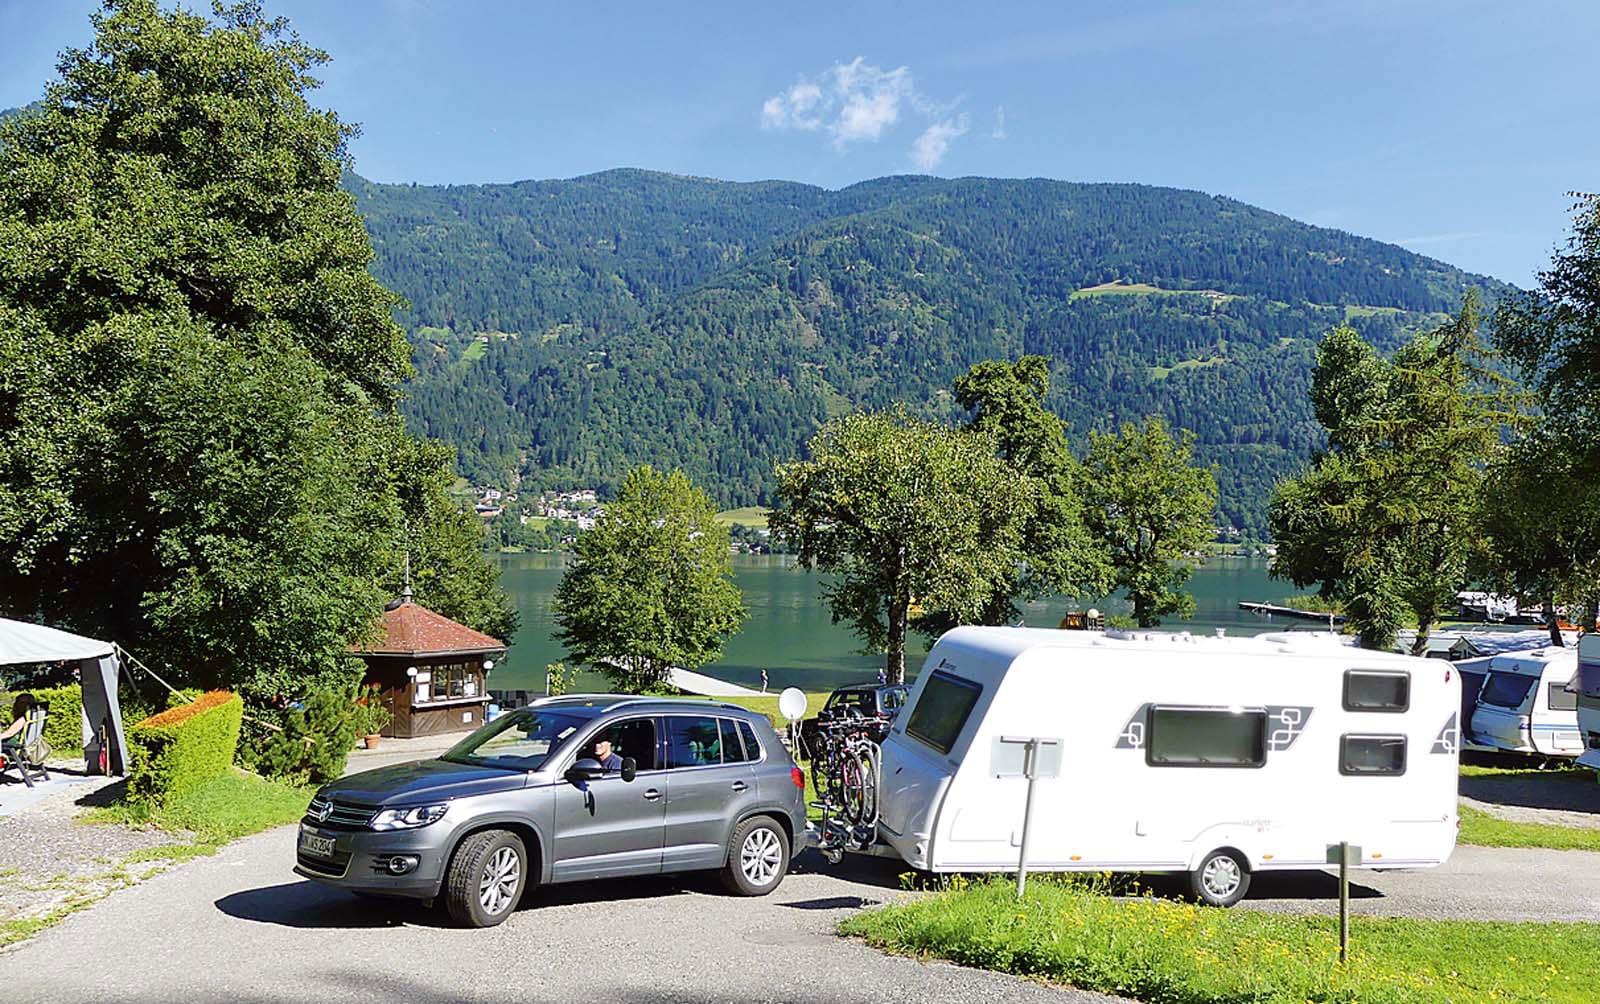 Wohnwagen Etagenbett Sterckeman : Evolution cp modell sterckeman wohnwagen u a